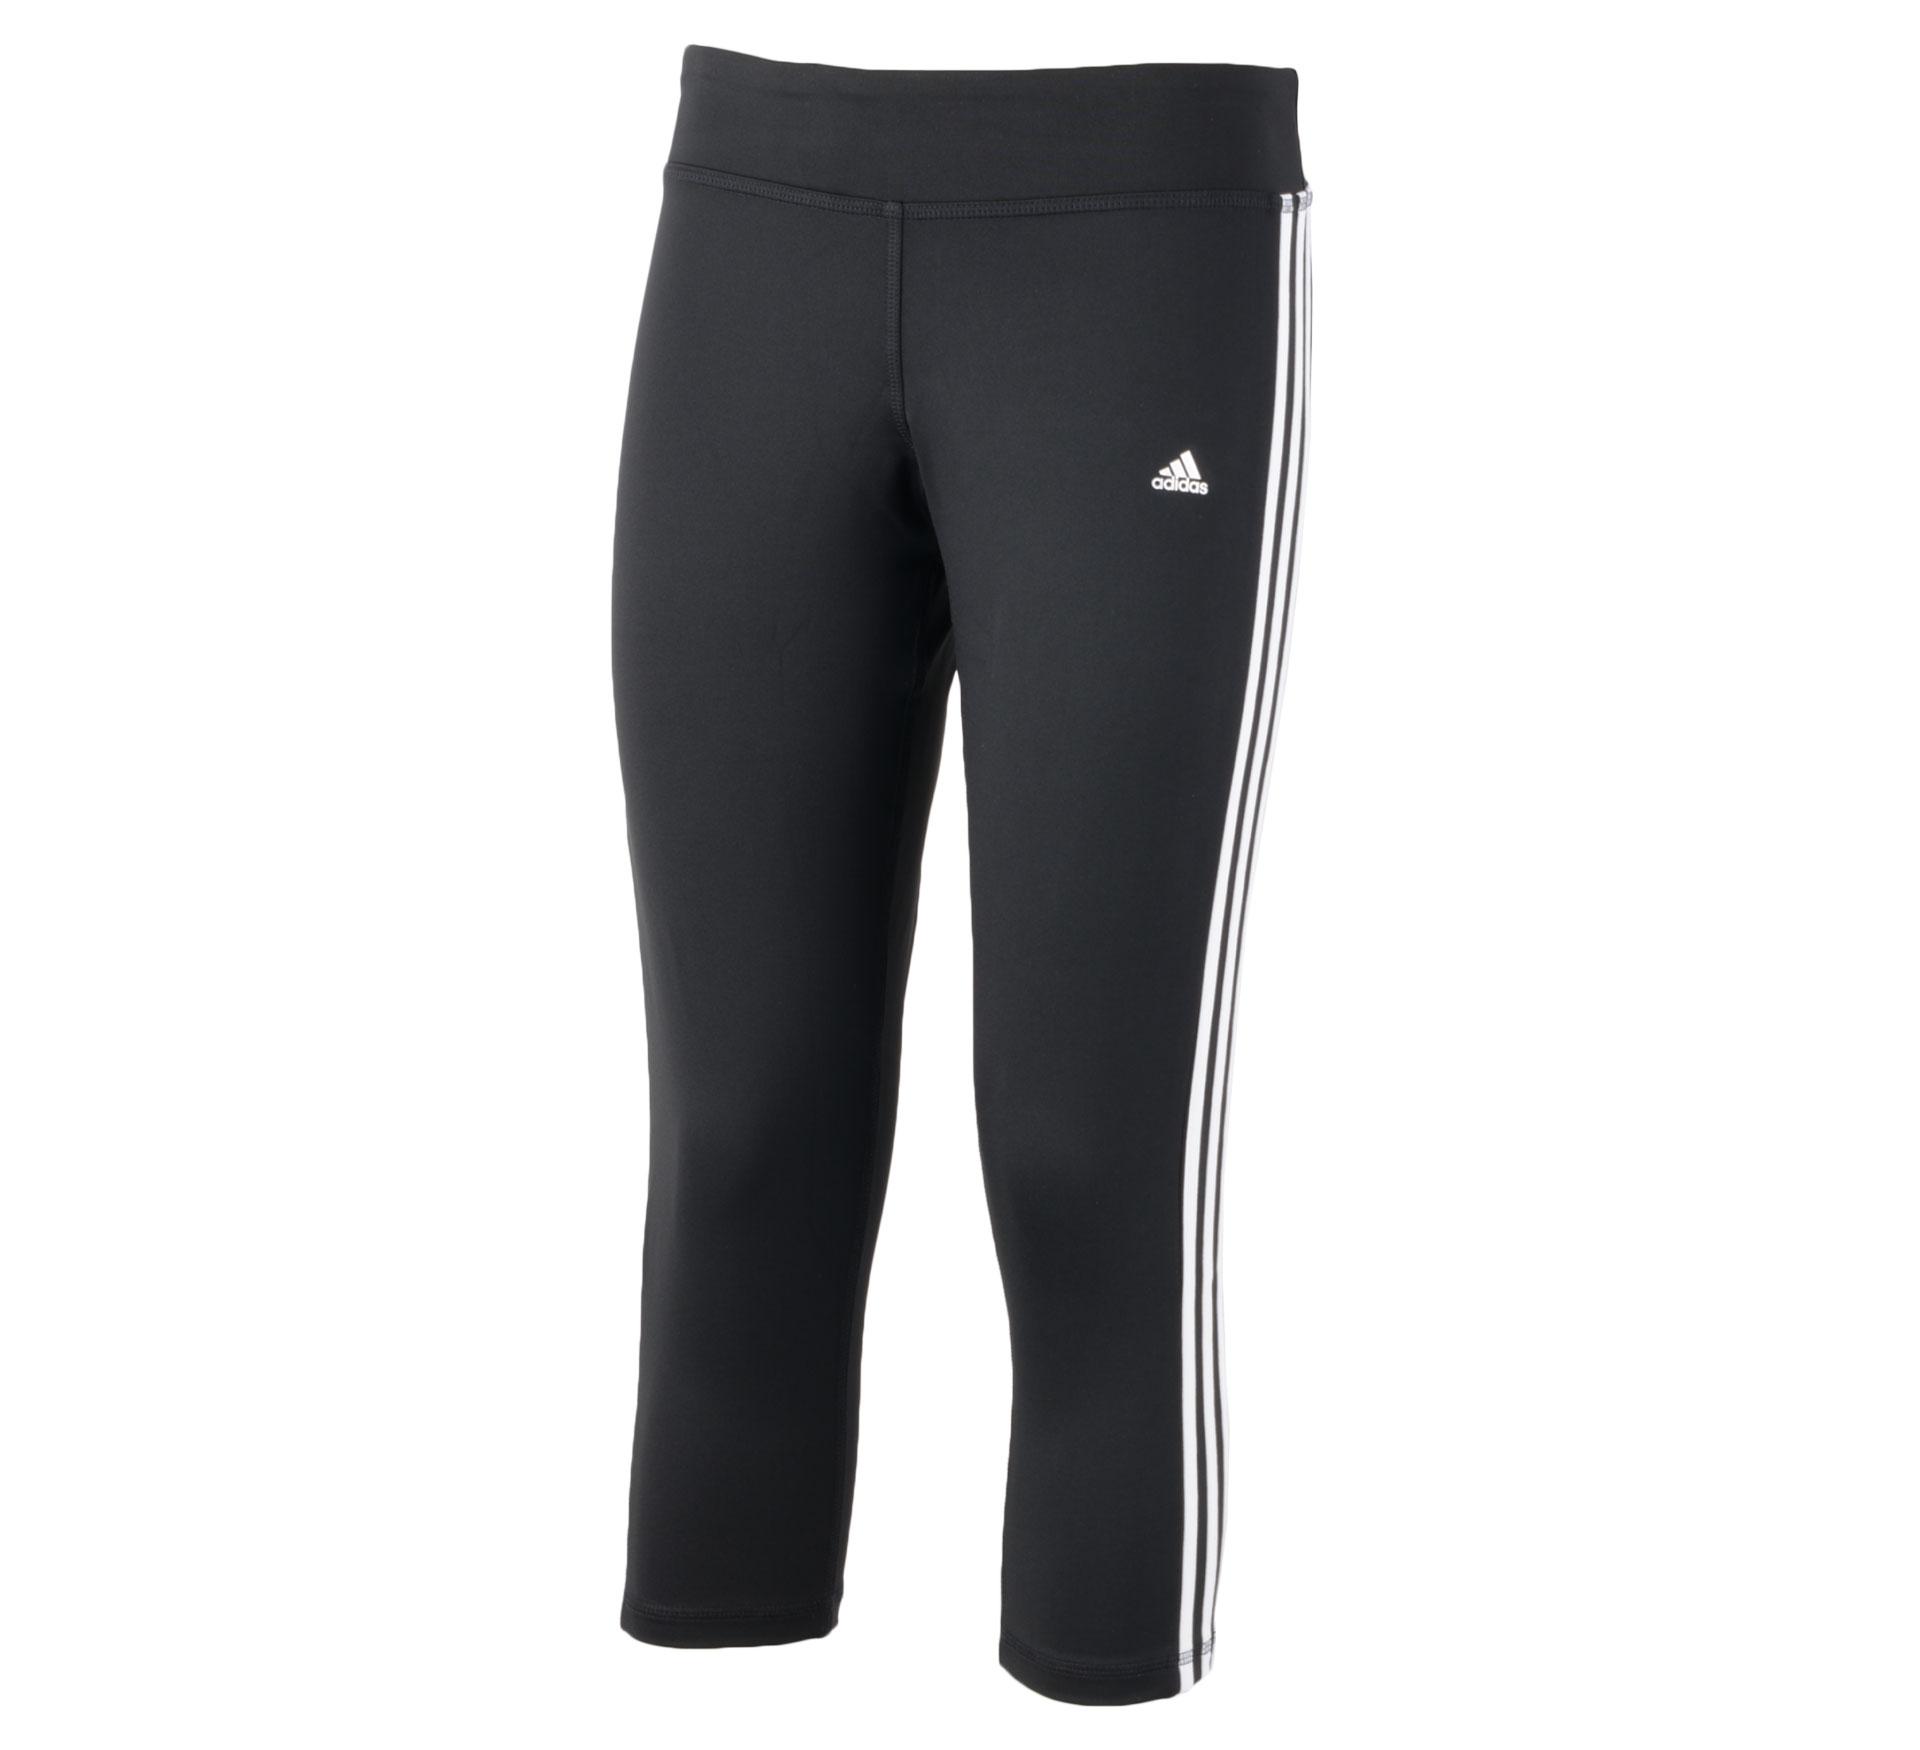 Adidas  Clima 3S Ess 3/4 zwart - wit